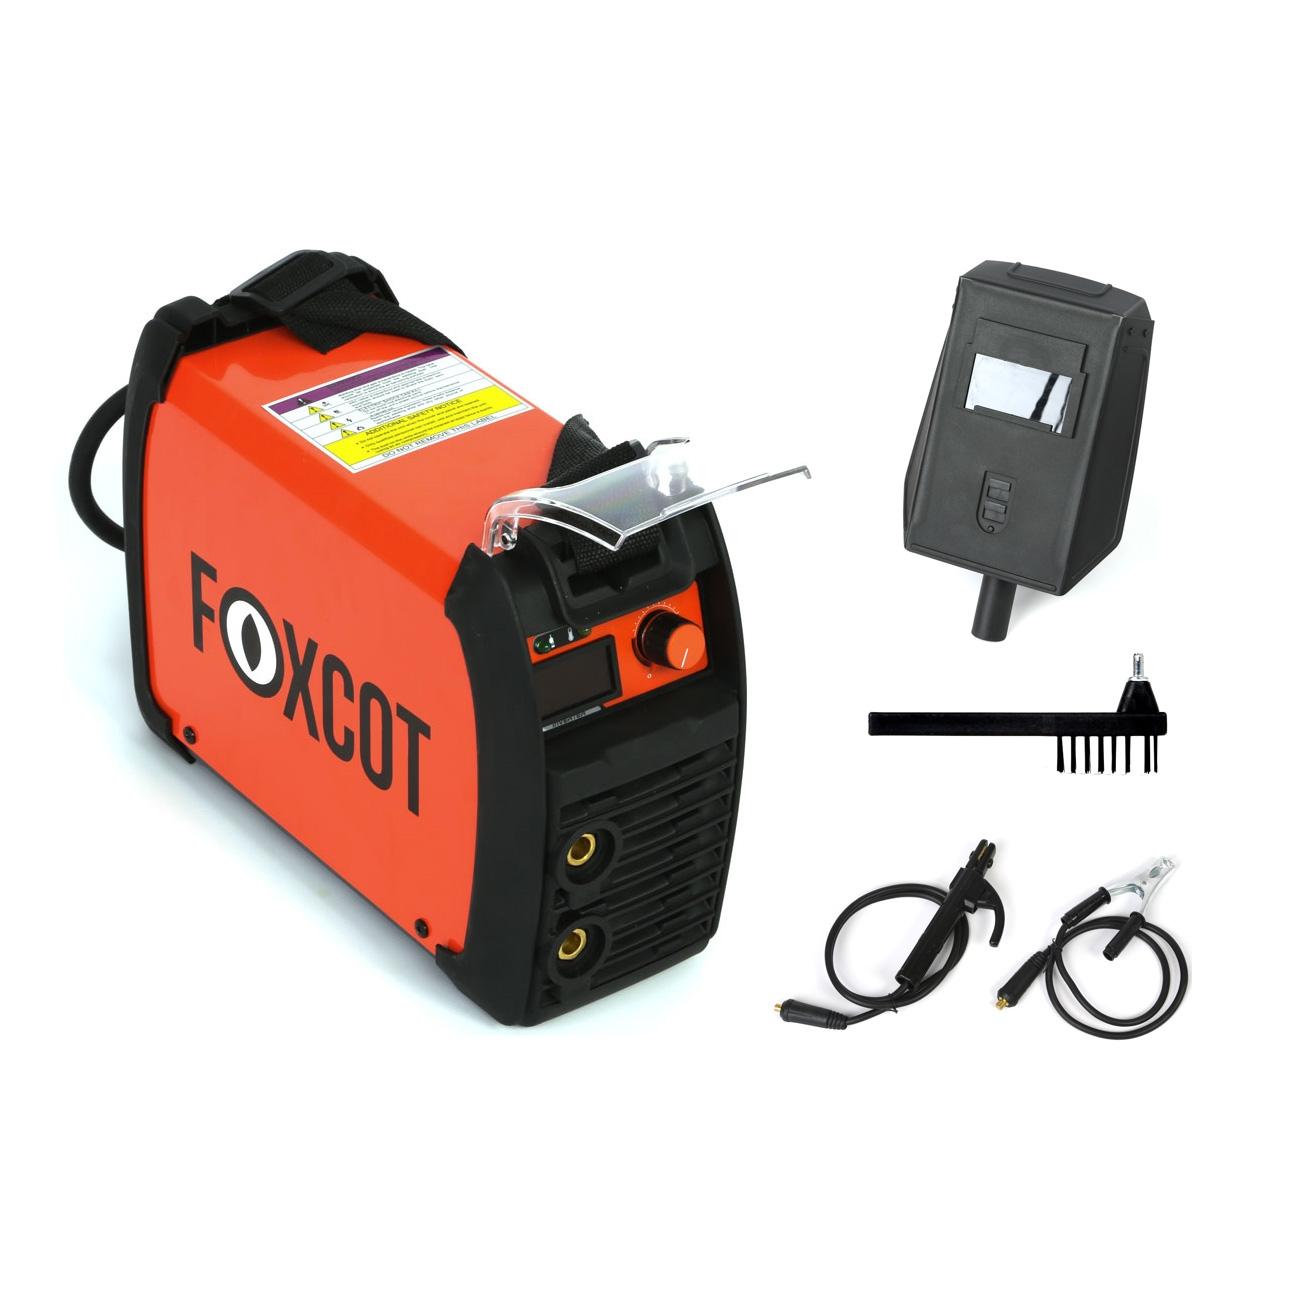 Poste à souder Inverter Foxcot MMA145A pour usage domestique